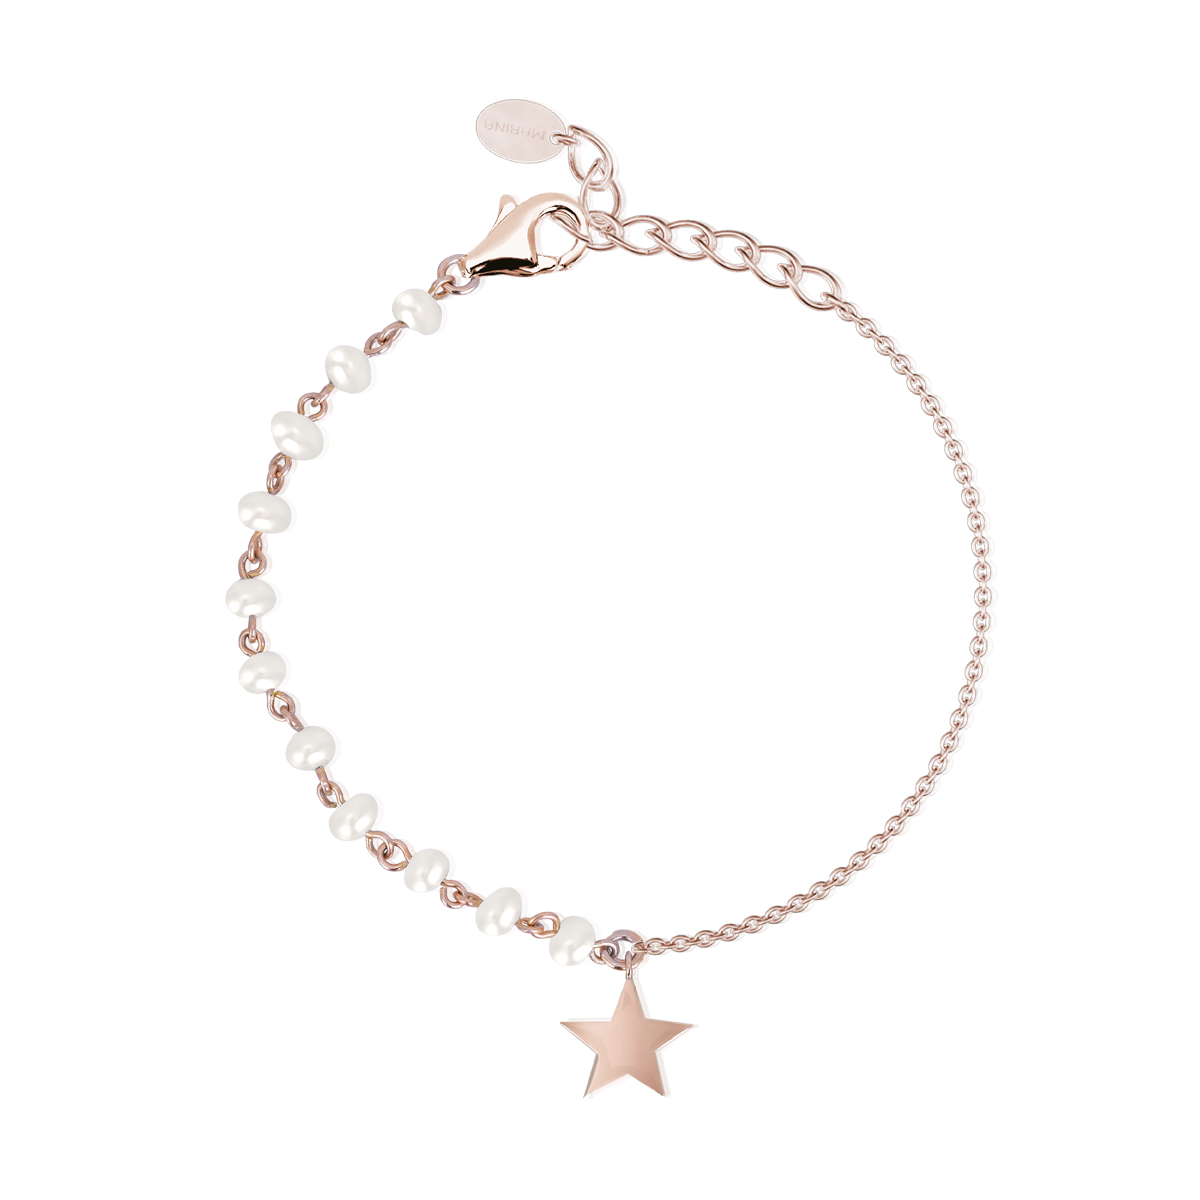 Bracciale Donna Mabina in Argento rosato e perle con stella 533294